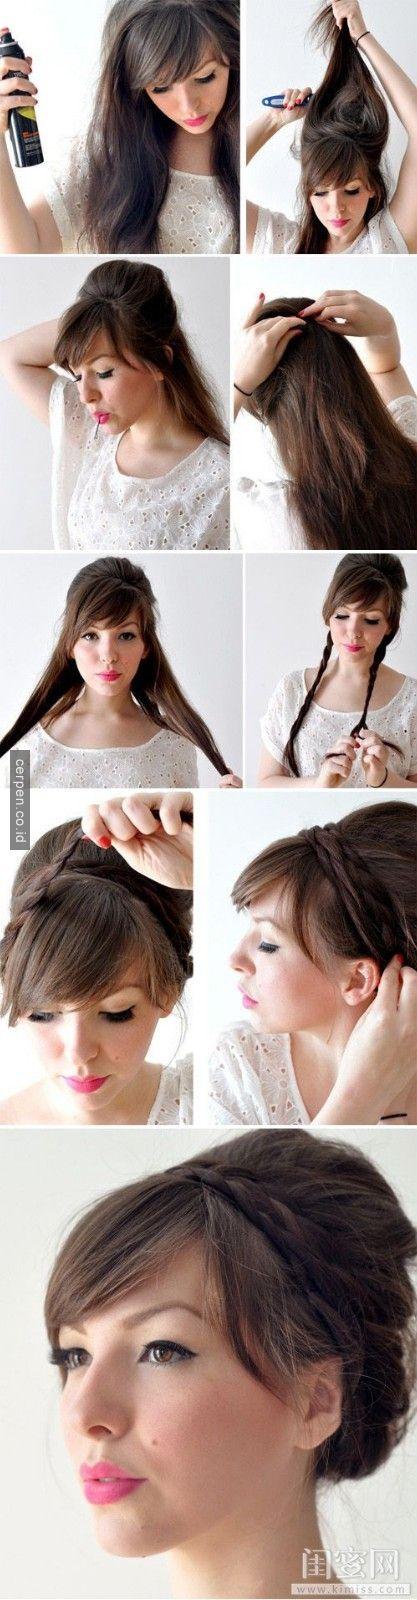 Ide Terbaik Ide Gaya Rambut Di Pinterest Gaya Rambut - Gaya rambut pendek kepang